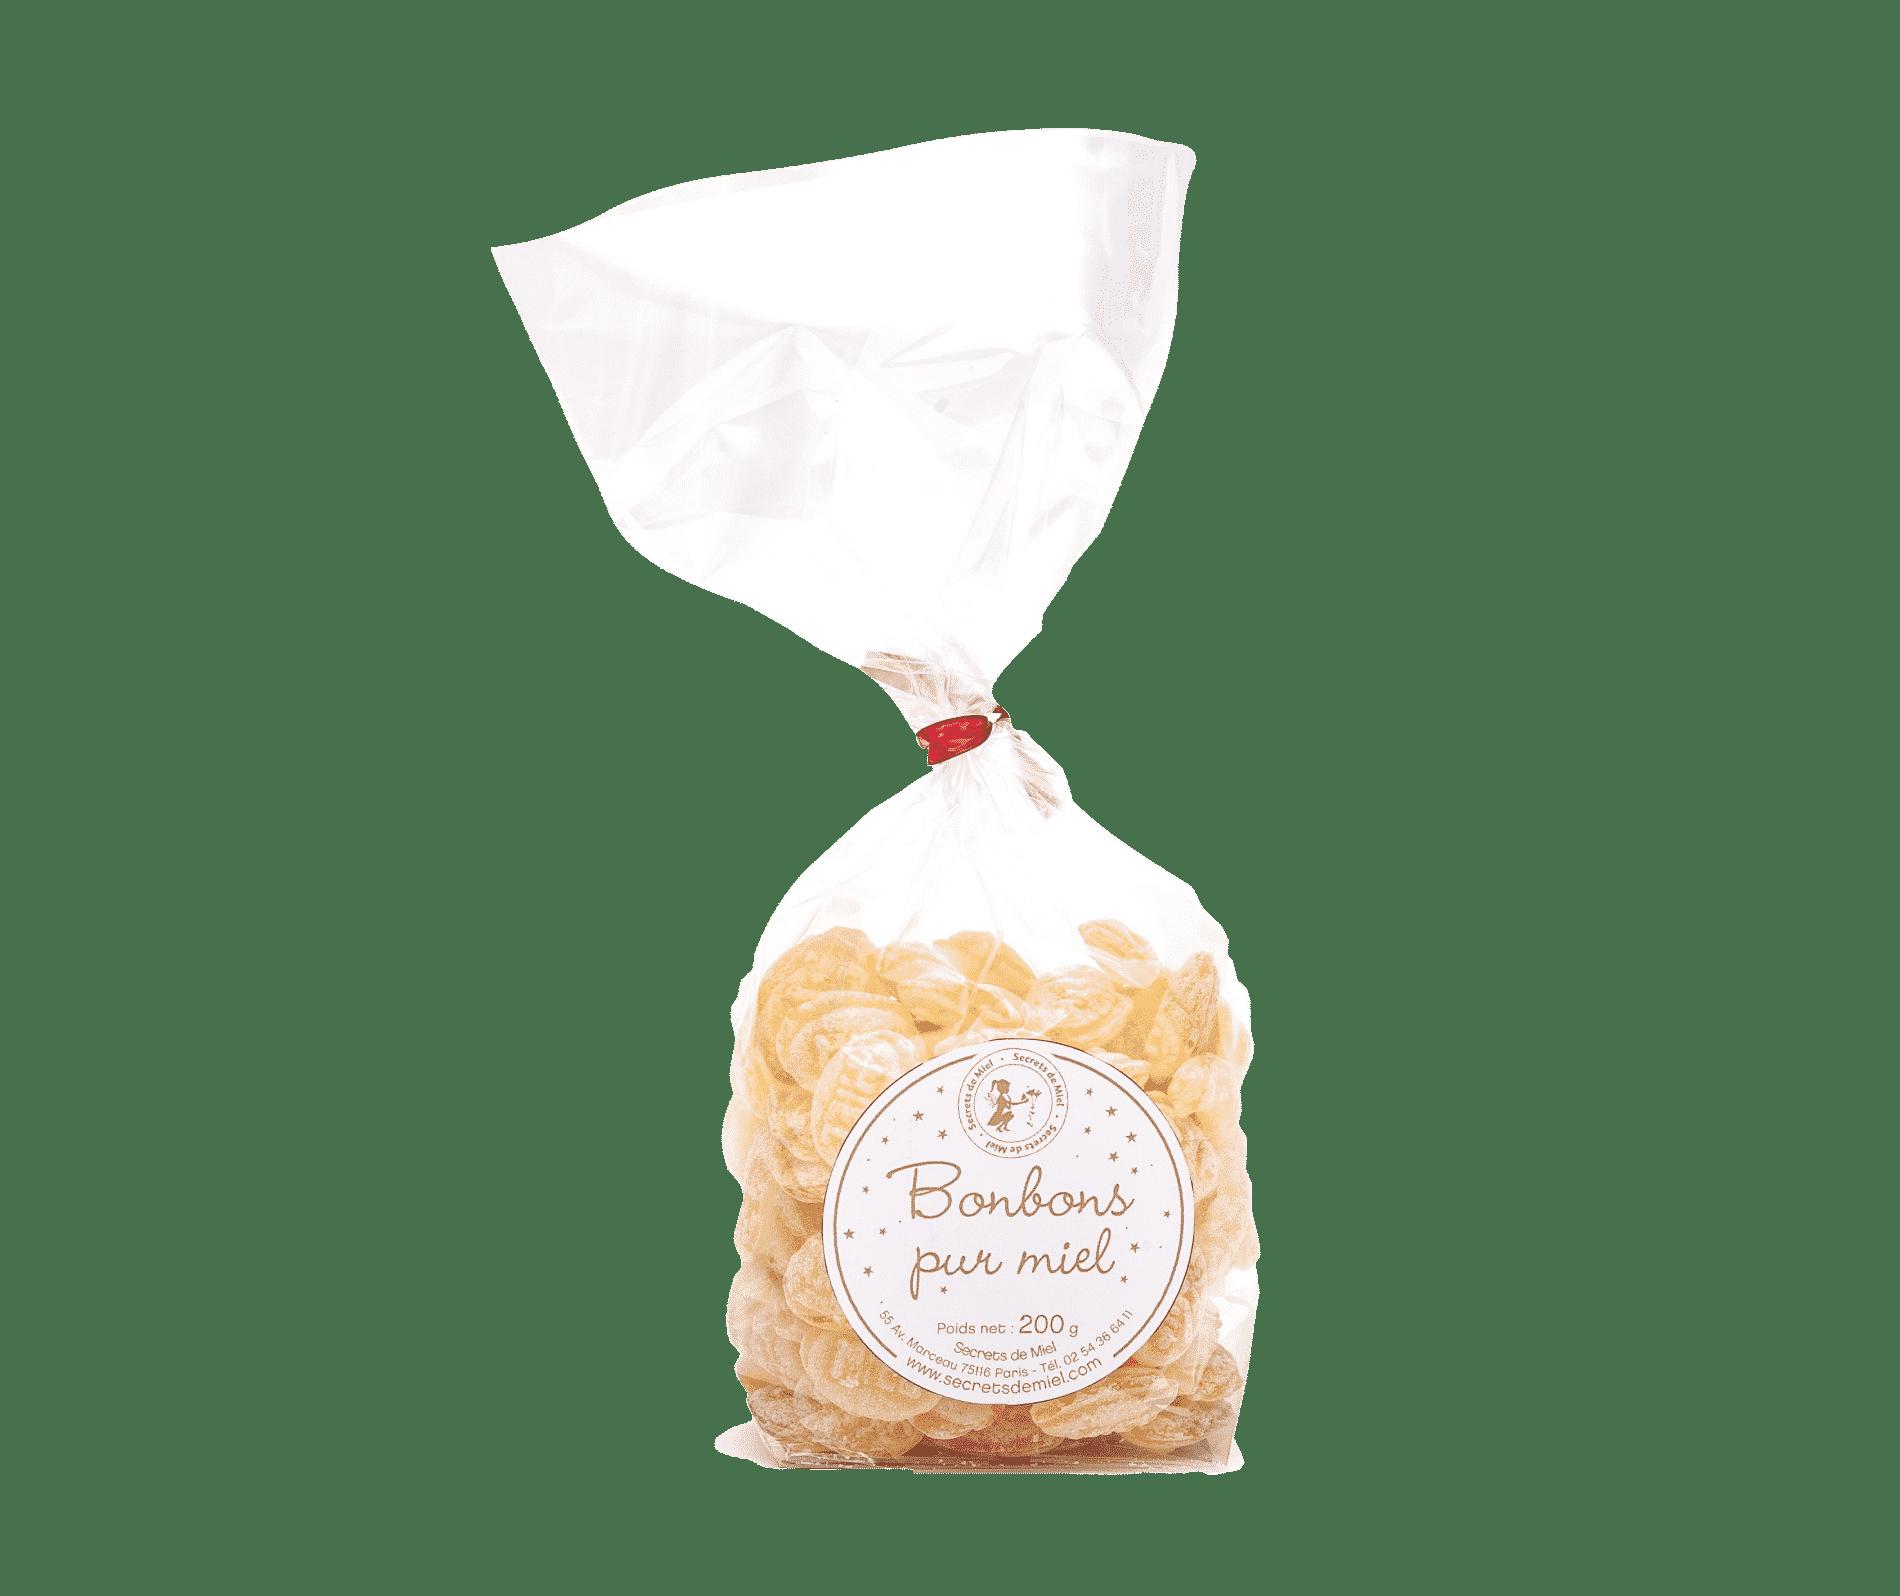 bonbons pur miel - Secrets de Miel - produits de la ruche - bonbons au miel - artisanaux